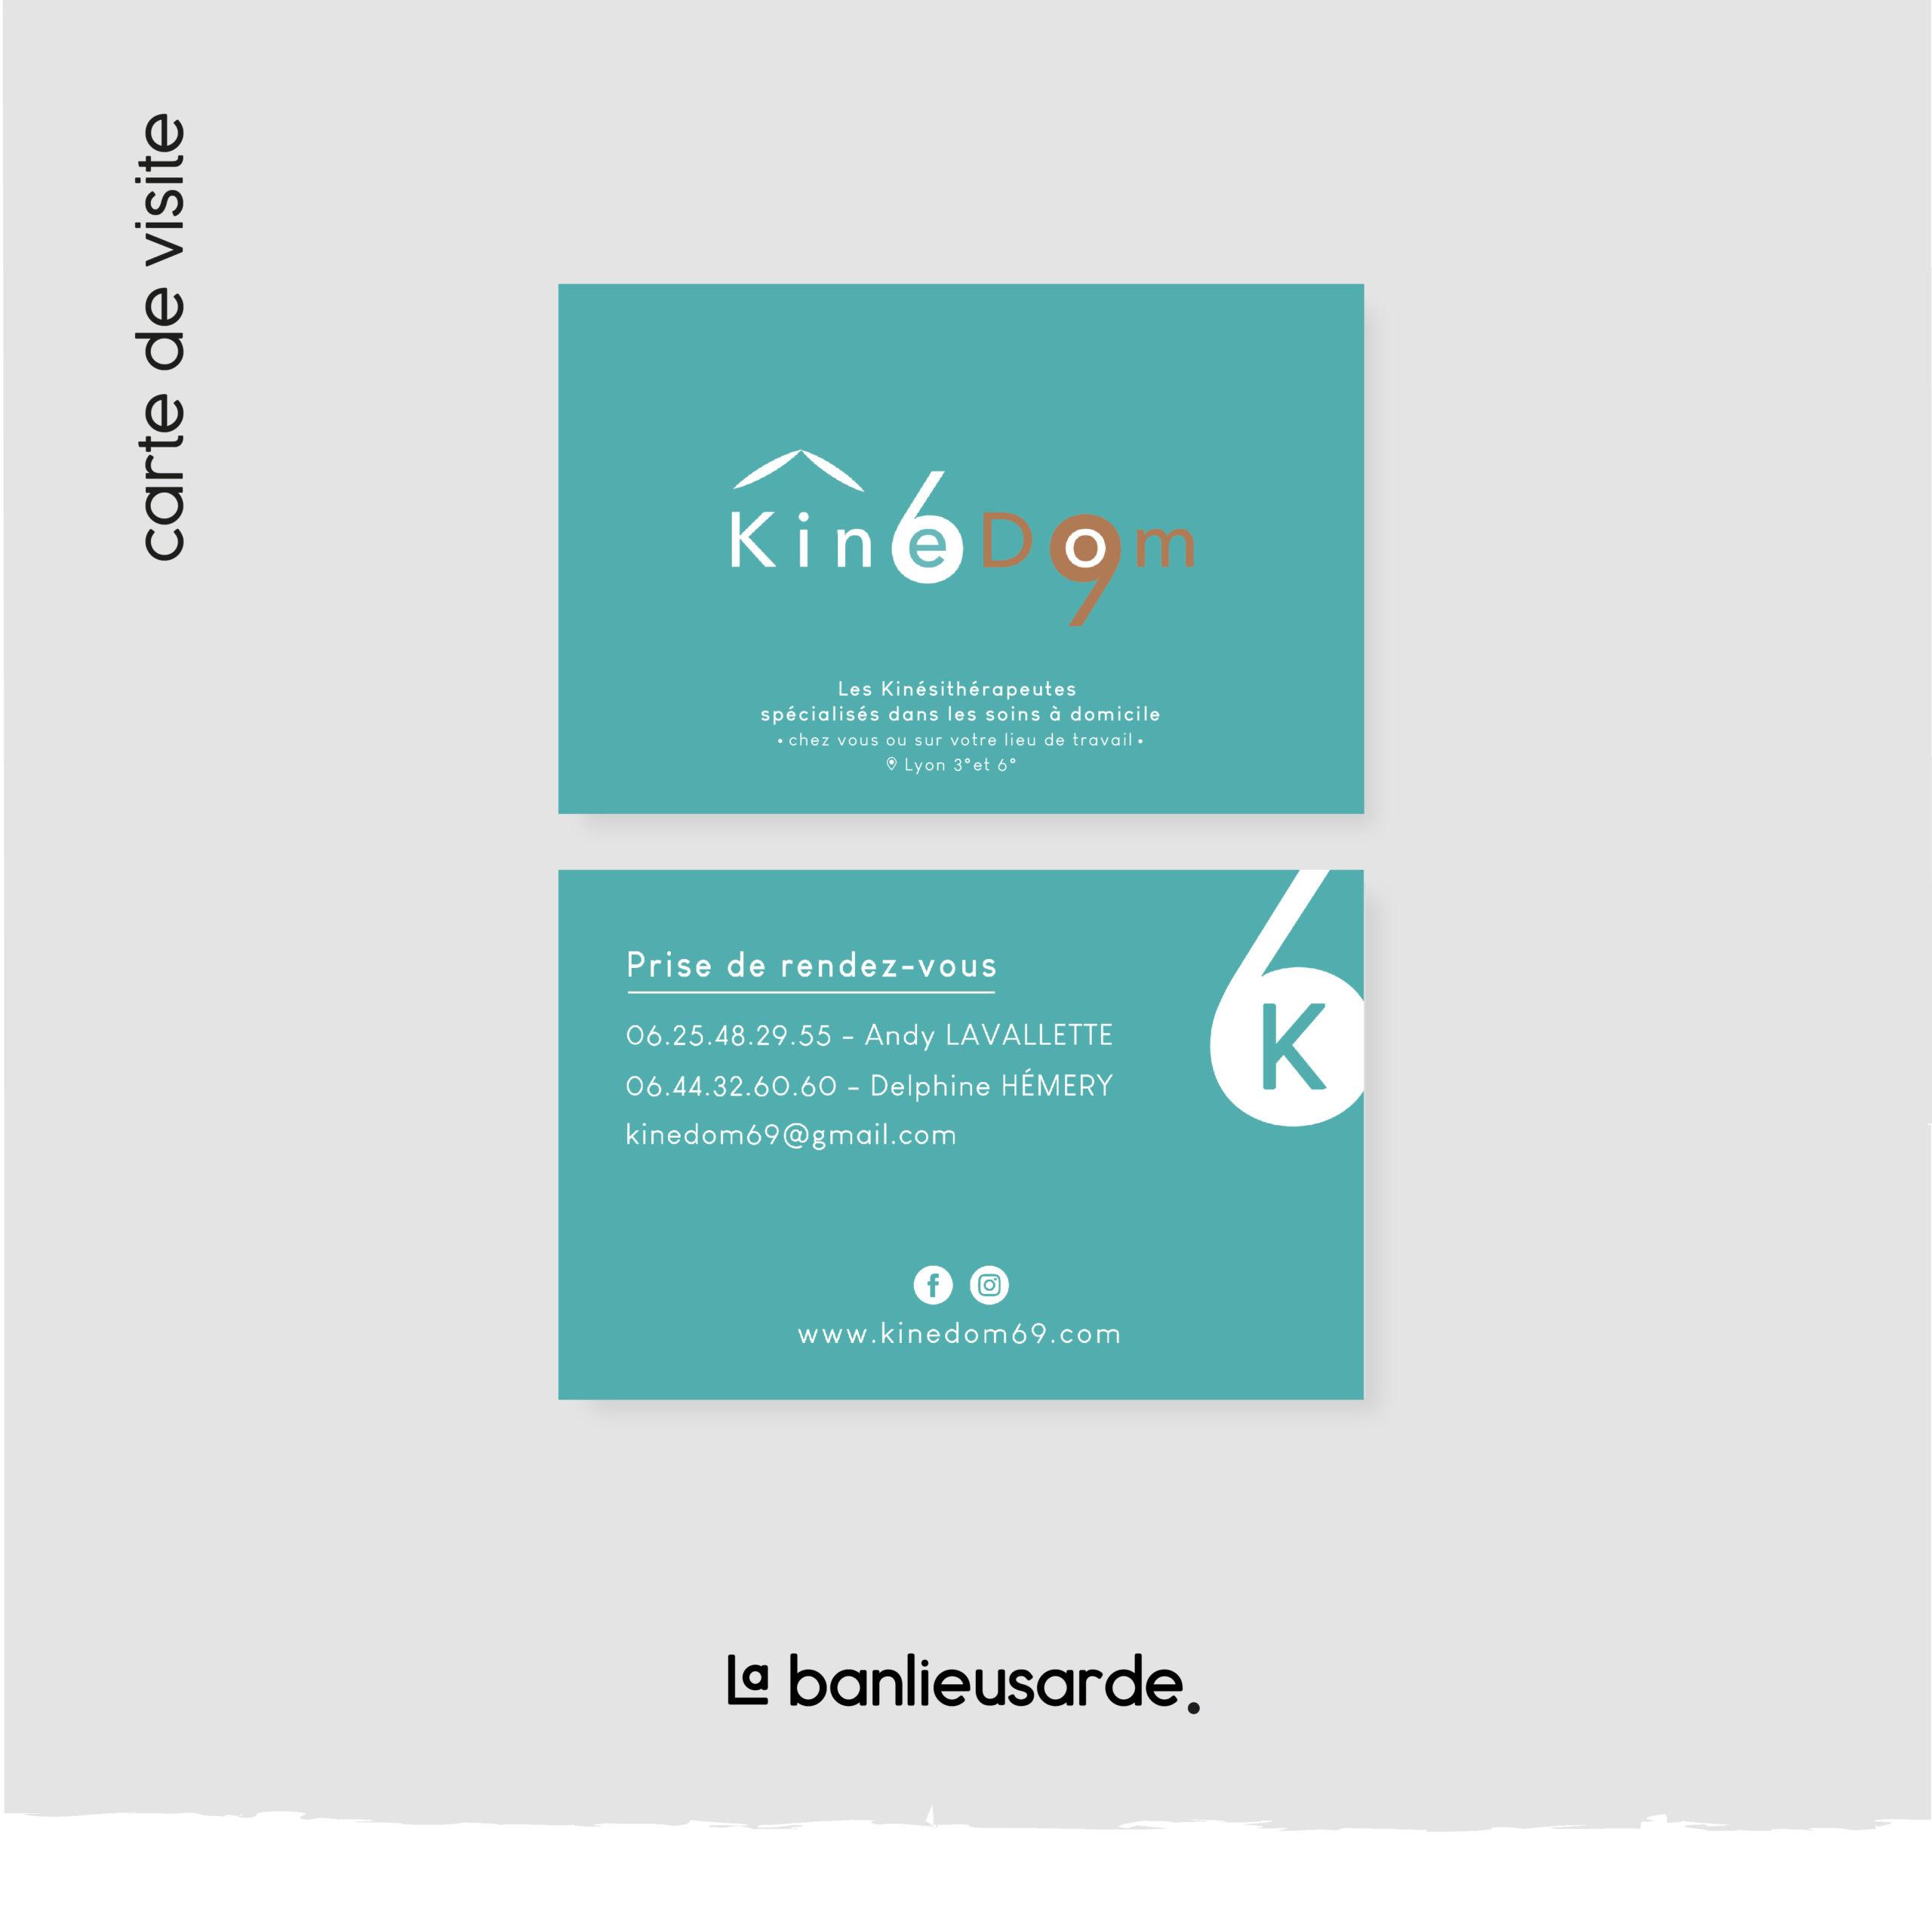 mockup-kinedom69-carte